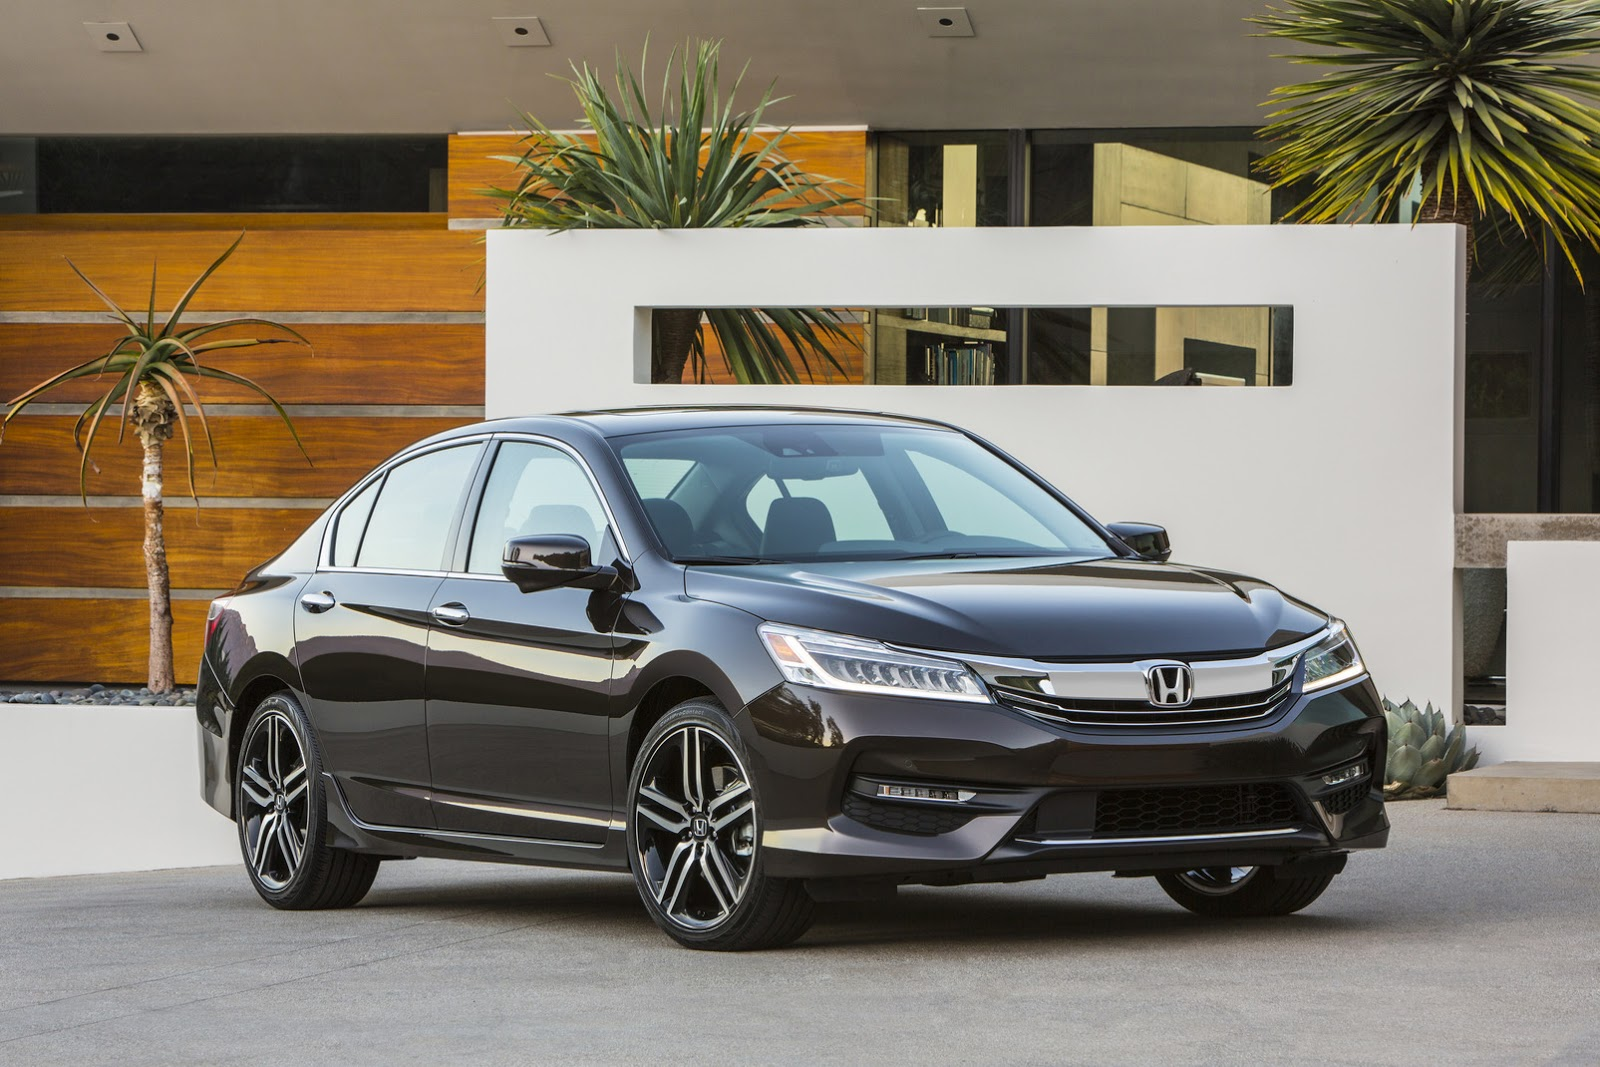 """هوندا اكورد 2016 تكشف نفسها رسمياً وتحصل على فيس ليفت """"صور ومواصفات واسعار"""" Honda Accord   المربع نت"""